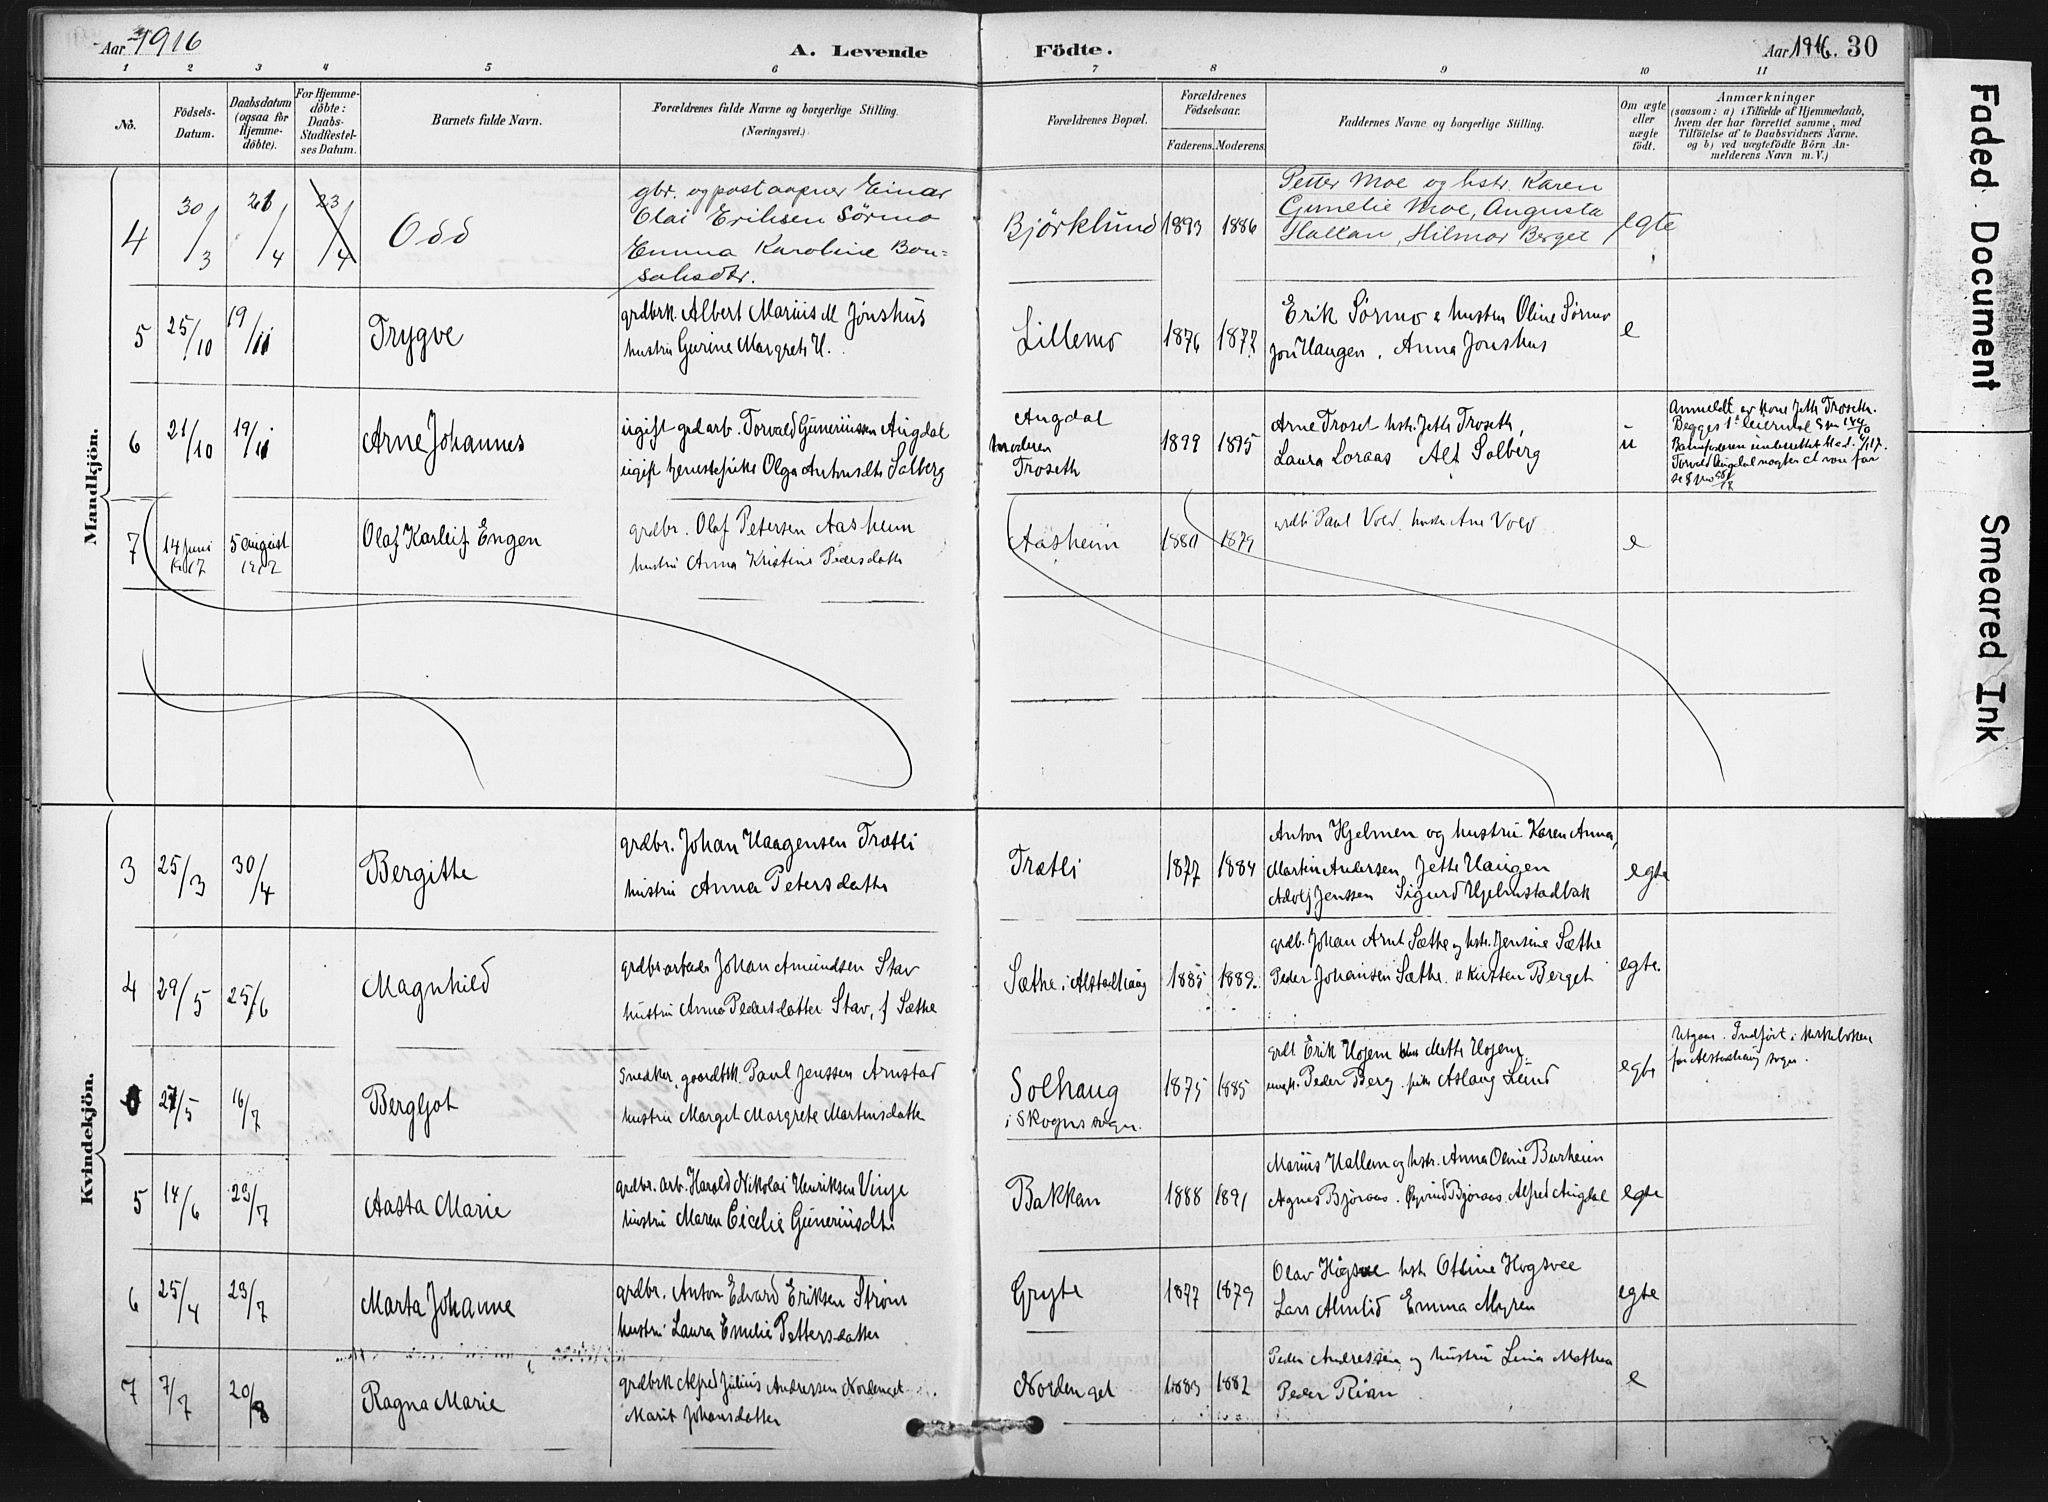 SAT, Ministerialprotokoller, klokkerbøker og fødselsregistre - Nord-Trøndelag, 718/L0175: Ministerialbok nr. 718A01, 1890-1923, s. 30